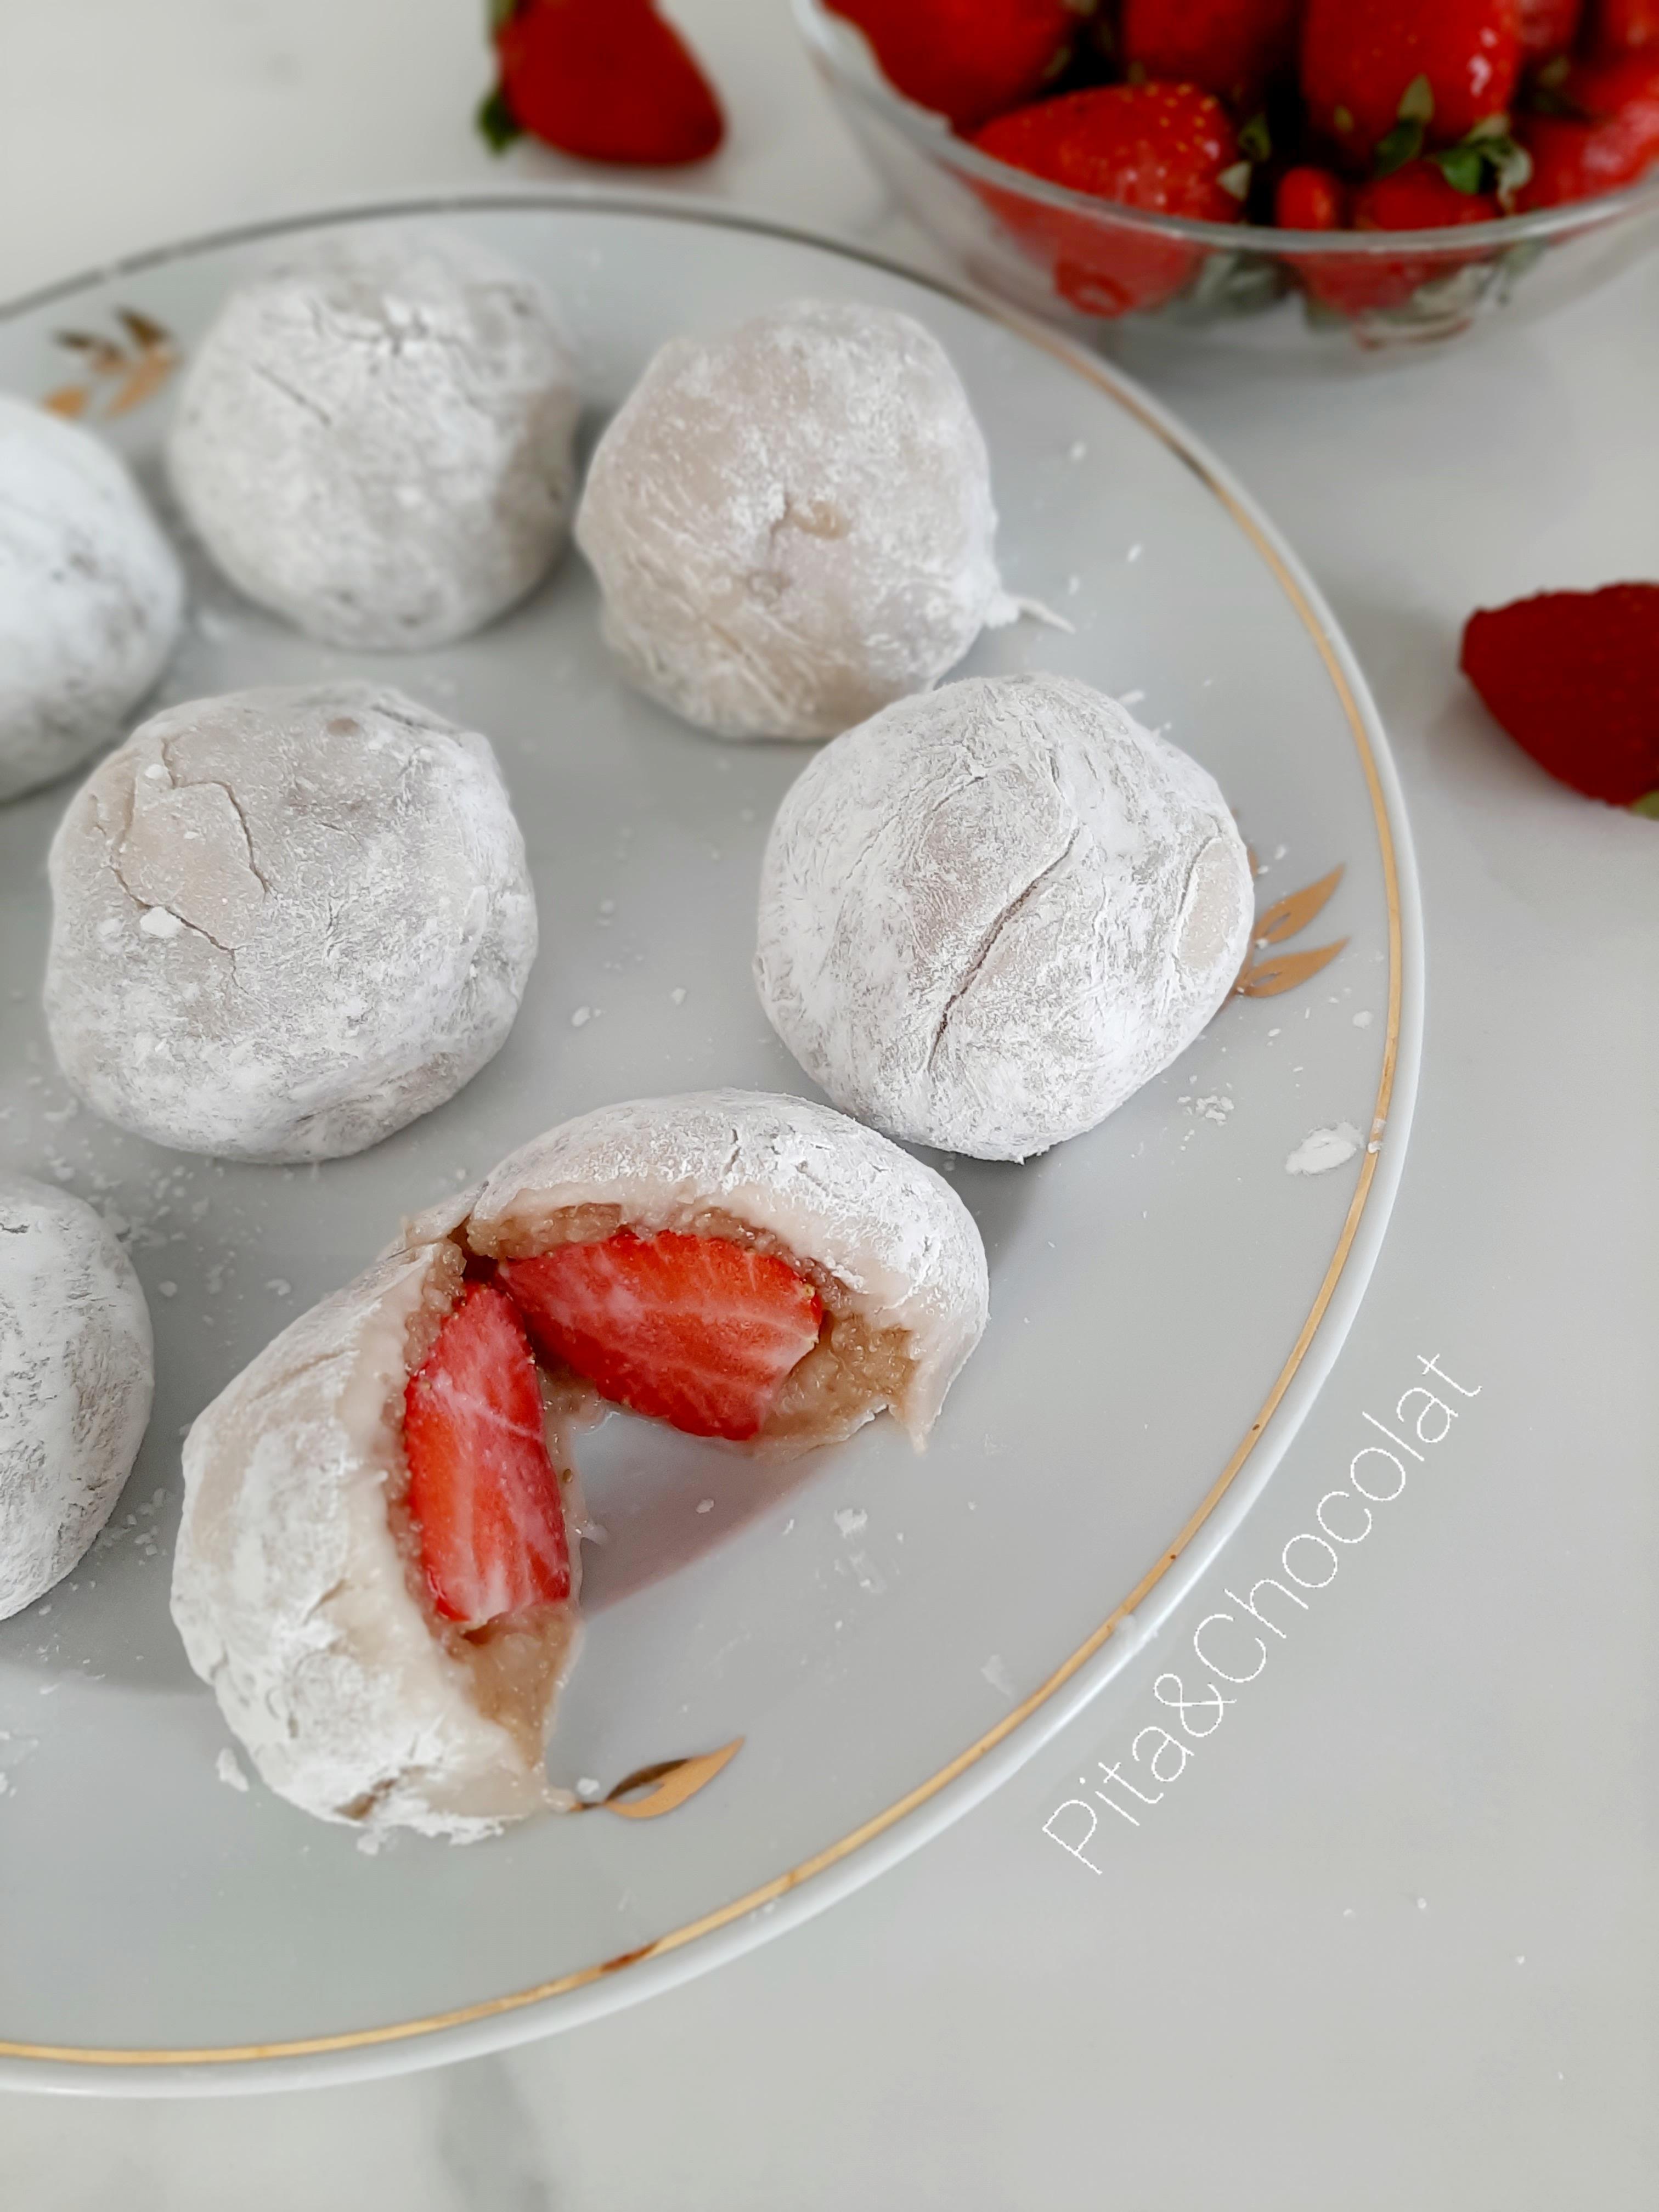 Mochi fraise et amande - Daifuku de printemps